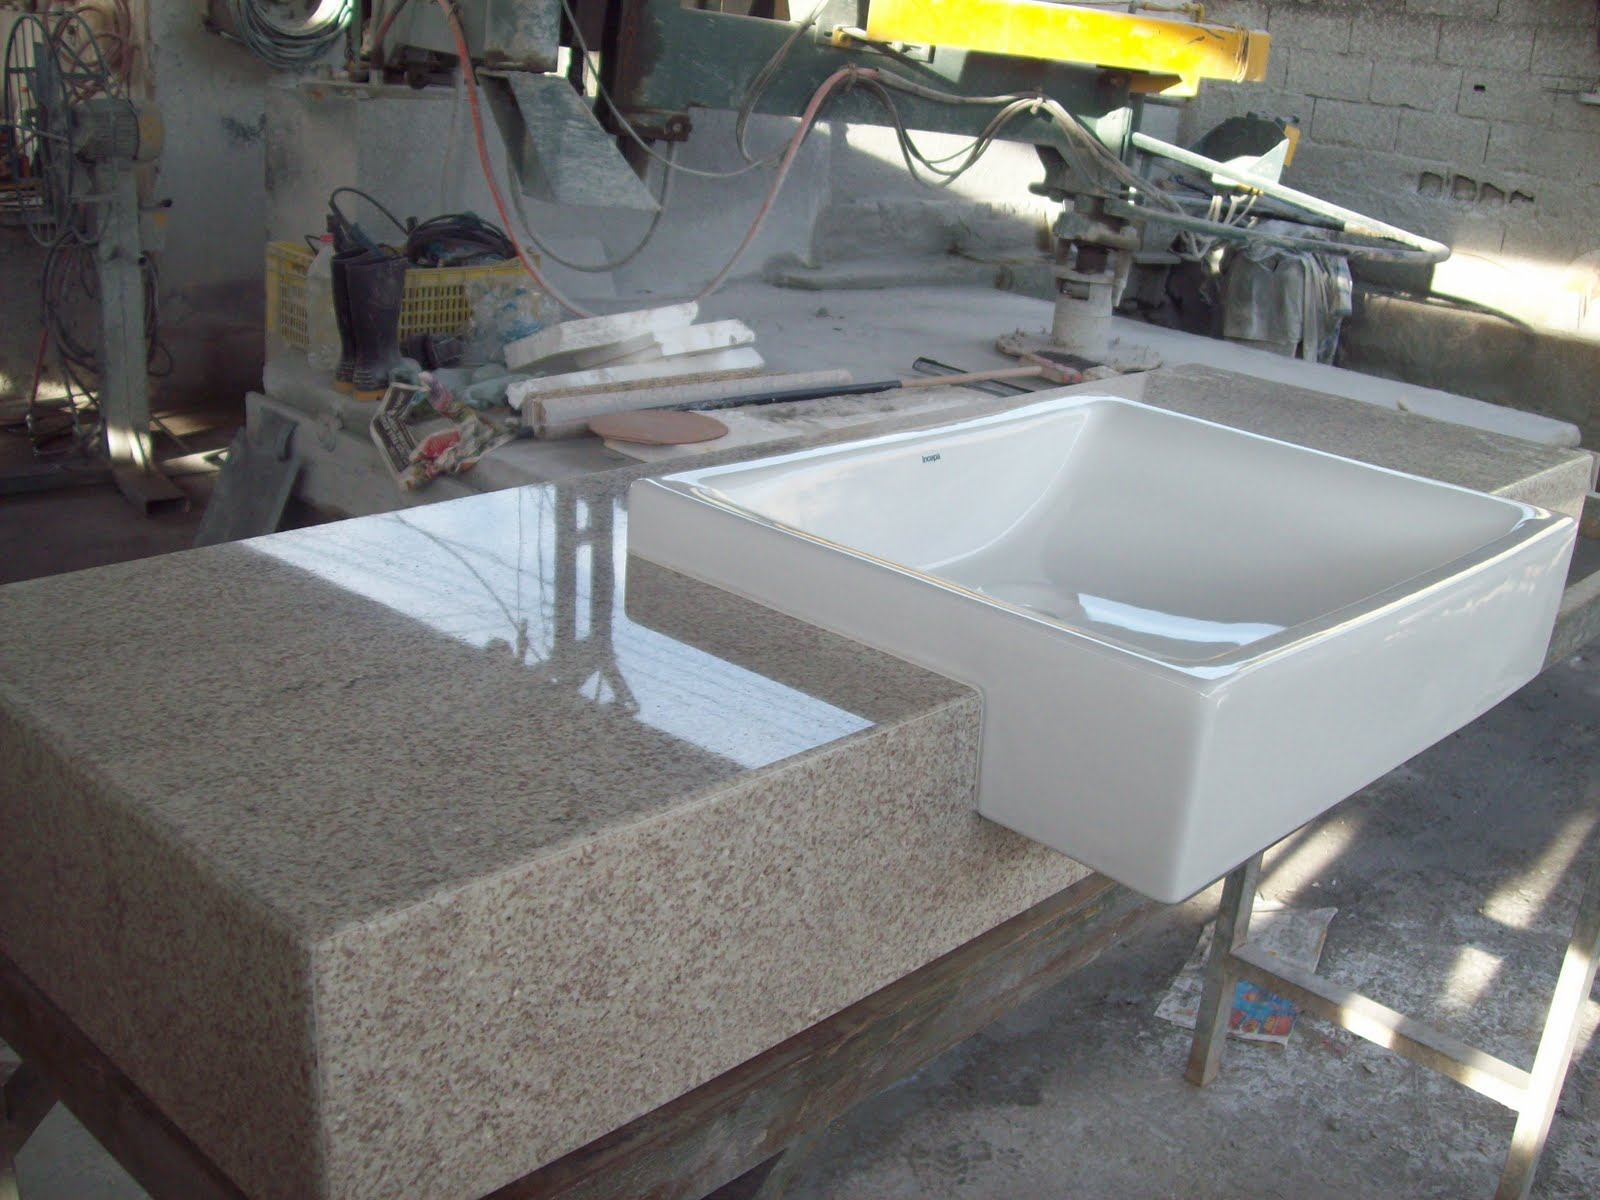 ou testeira em granito Branco Itaunas com cuba de sobrepor #9E9A2D 1600x1200 Bancada Banheiro Granito Branco Itaunas